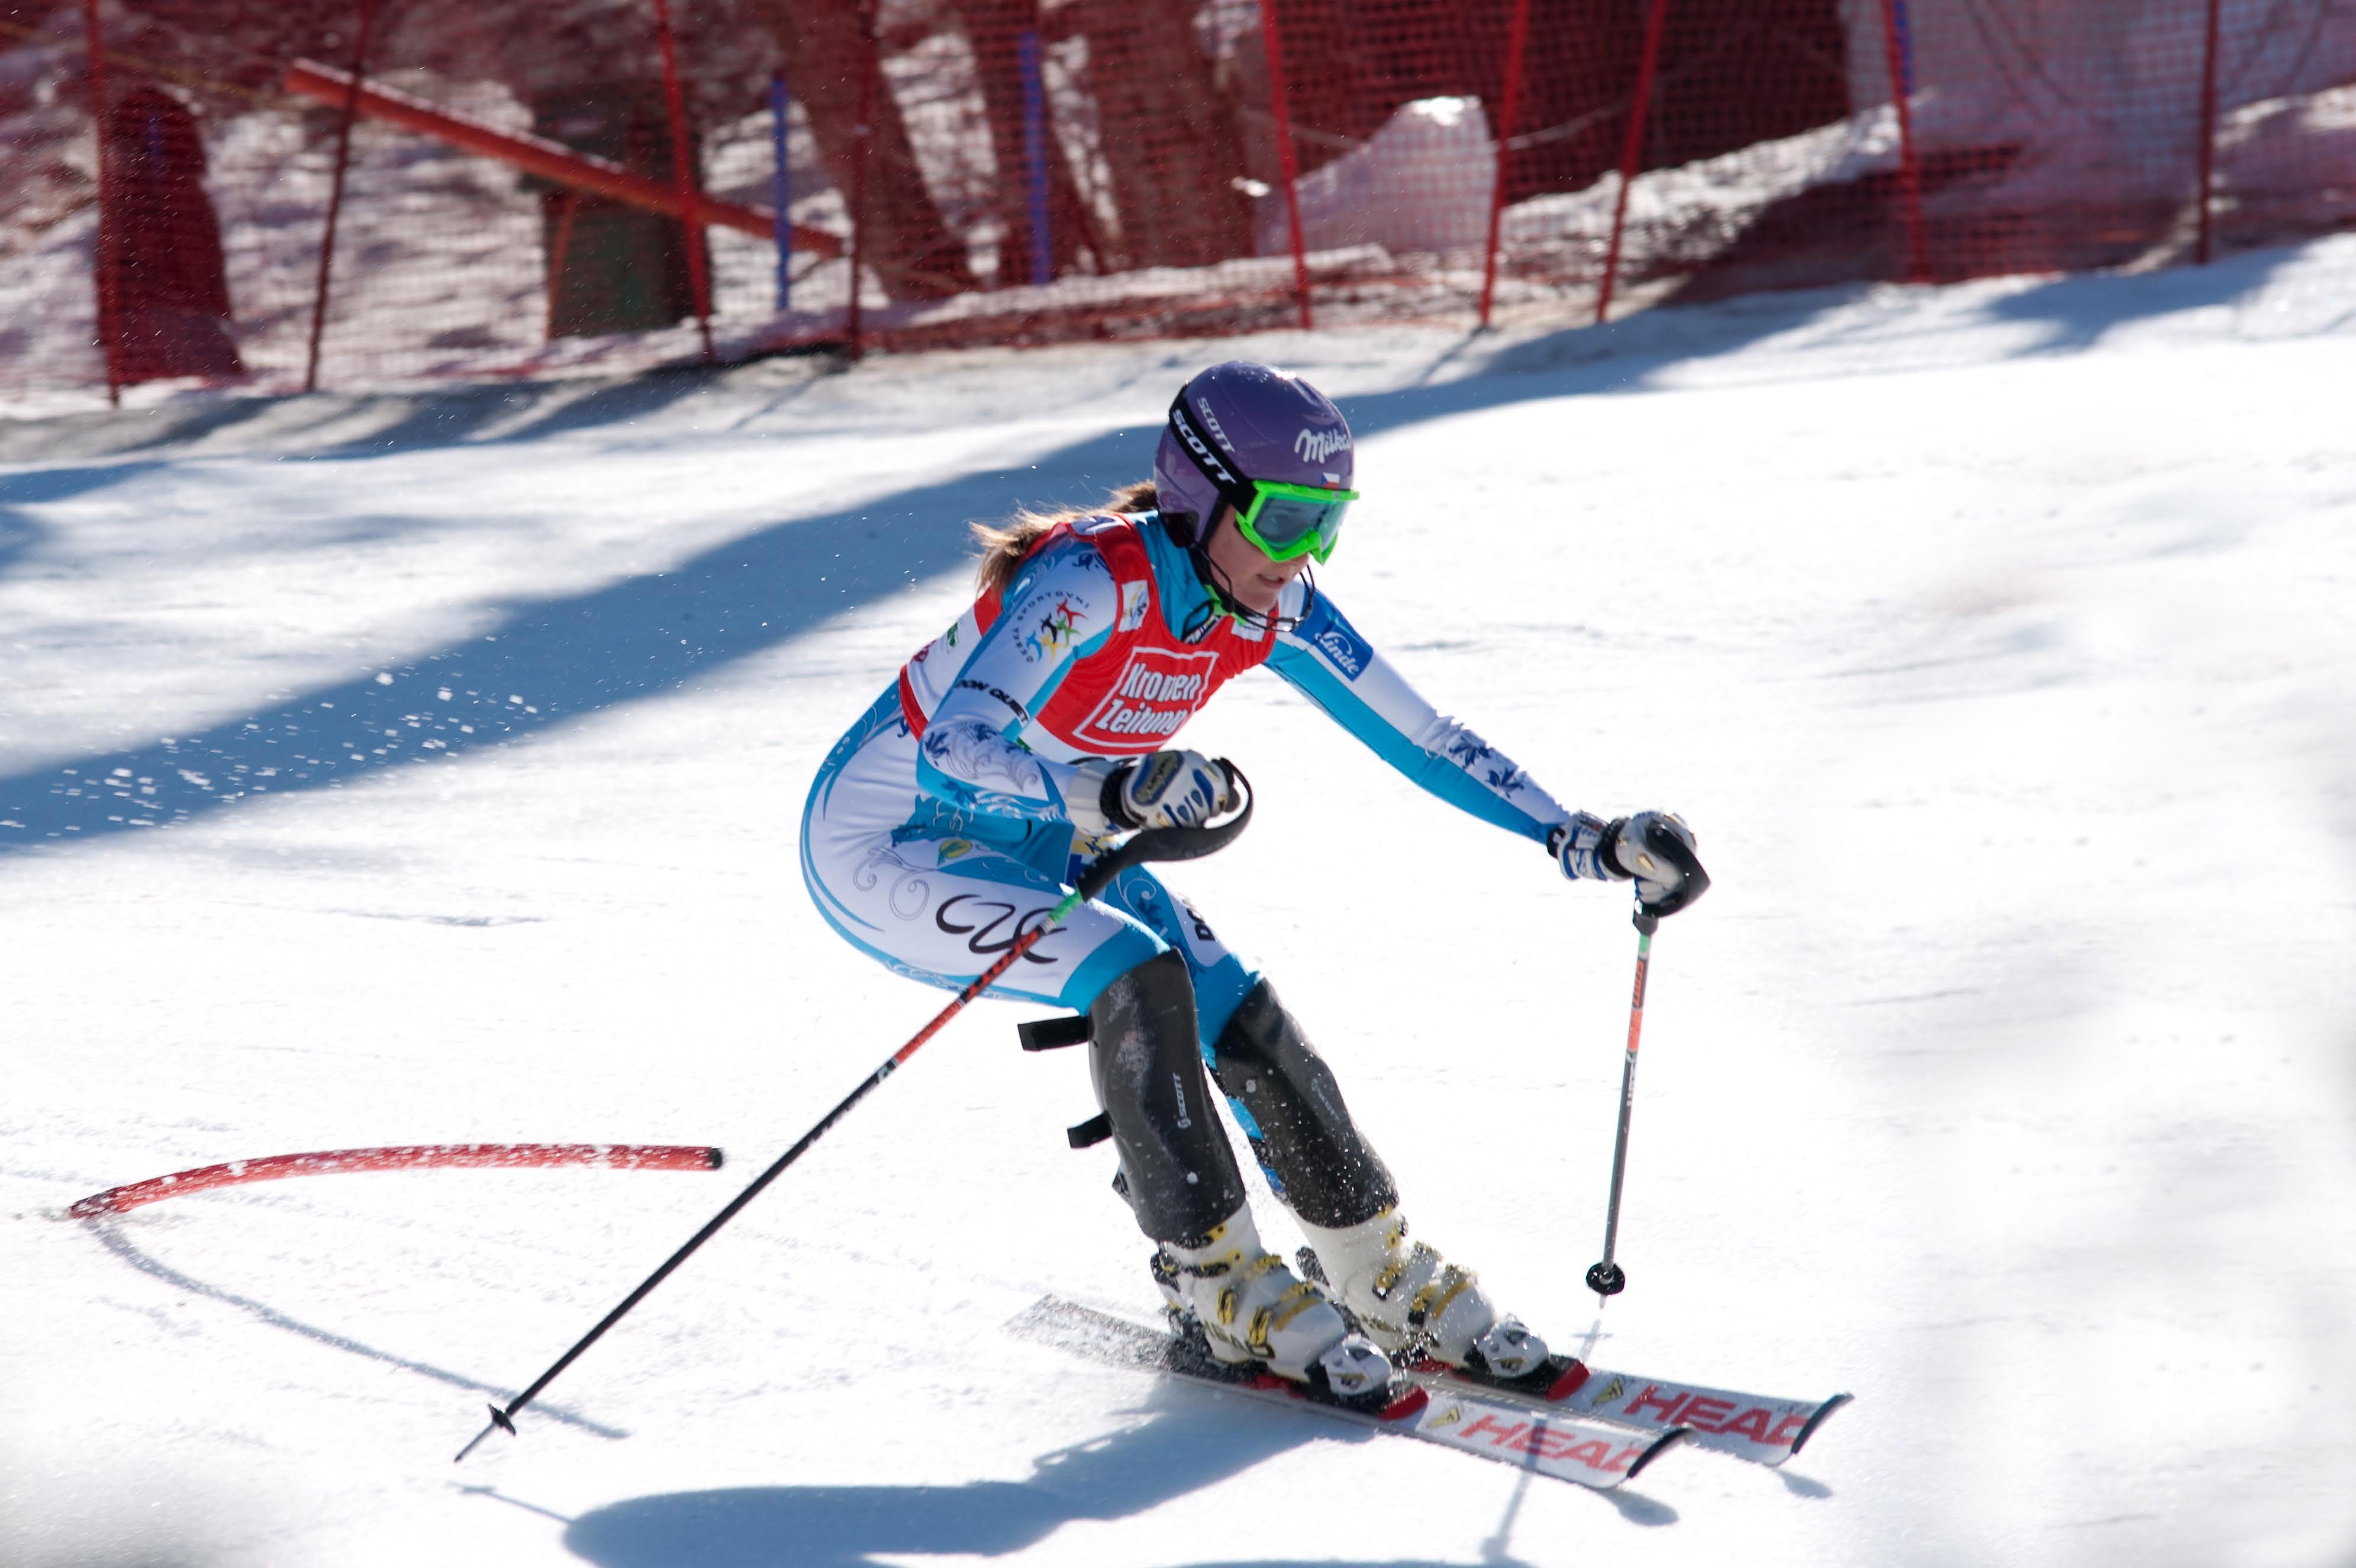 заведении лыжи как вид спорта картинки есть блик, должна